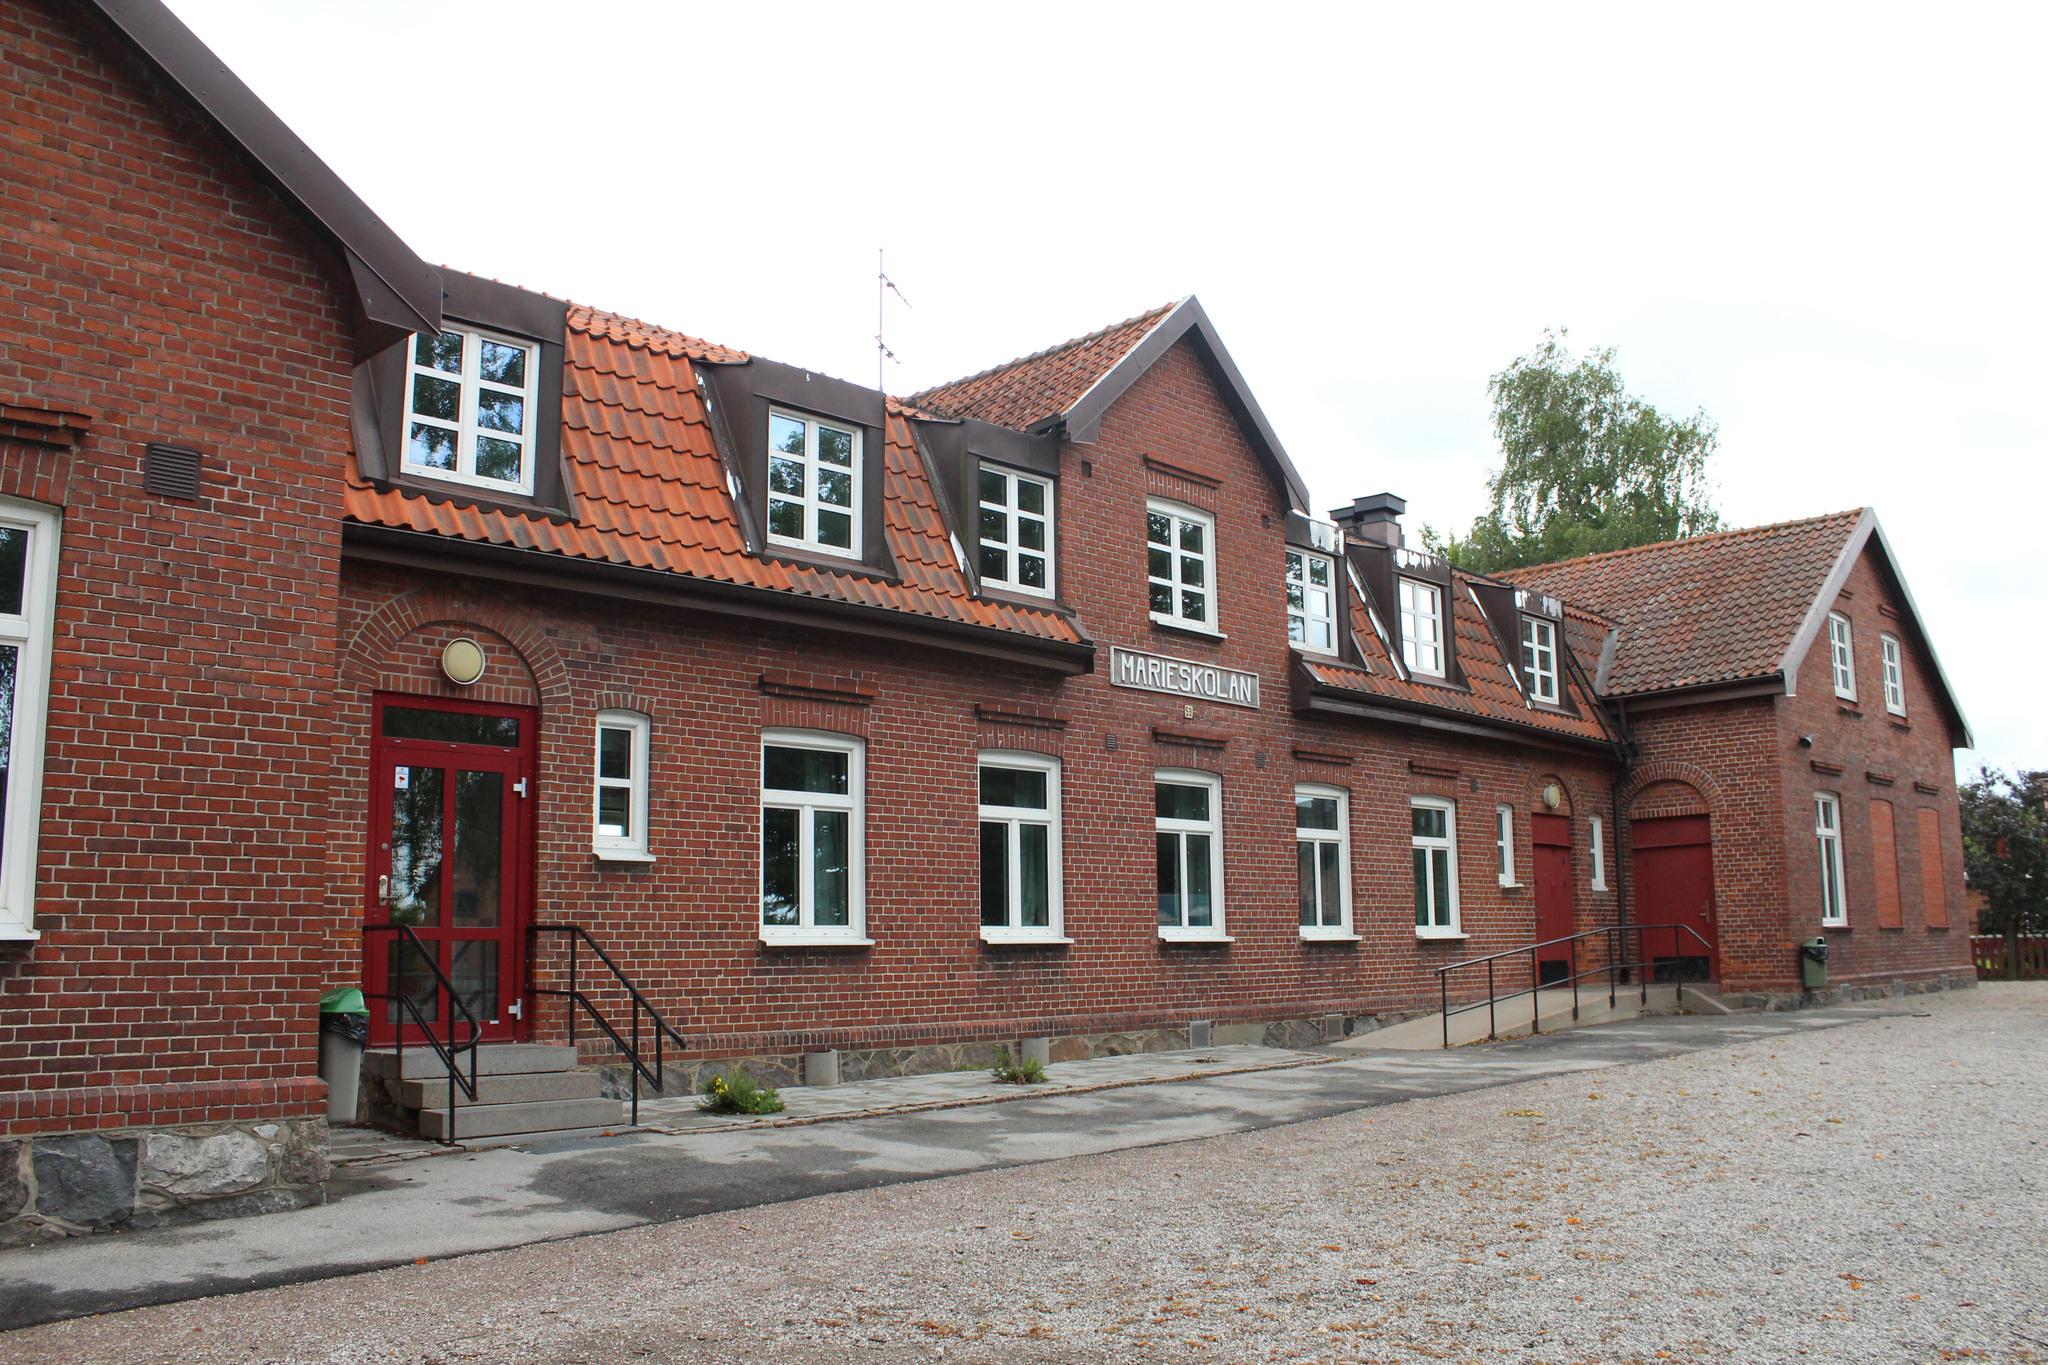 Marieskolan